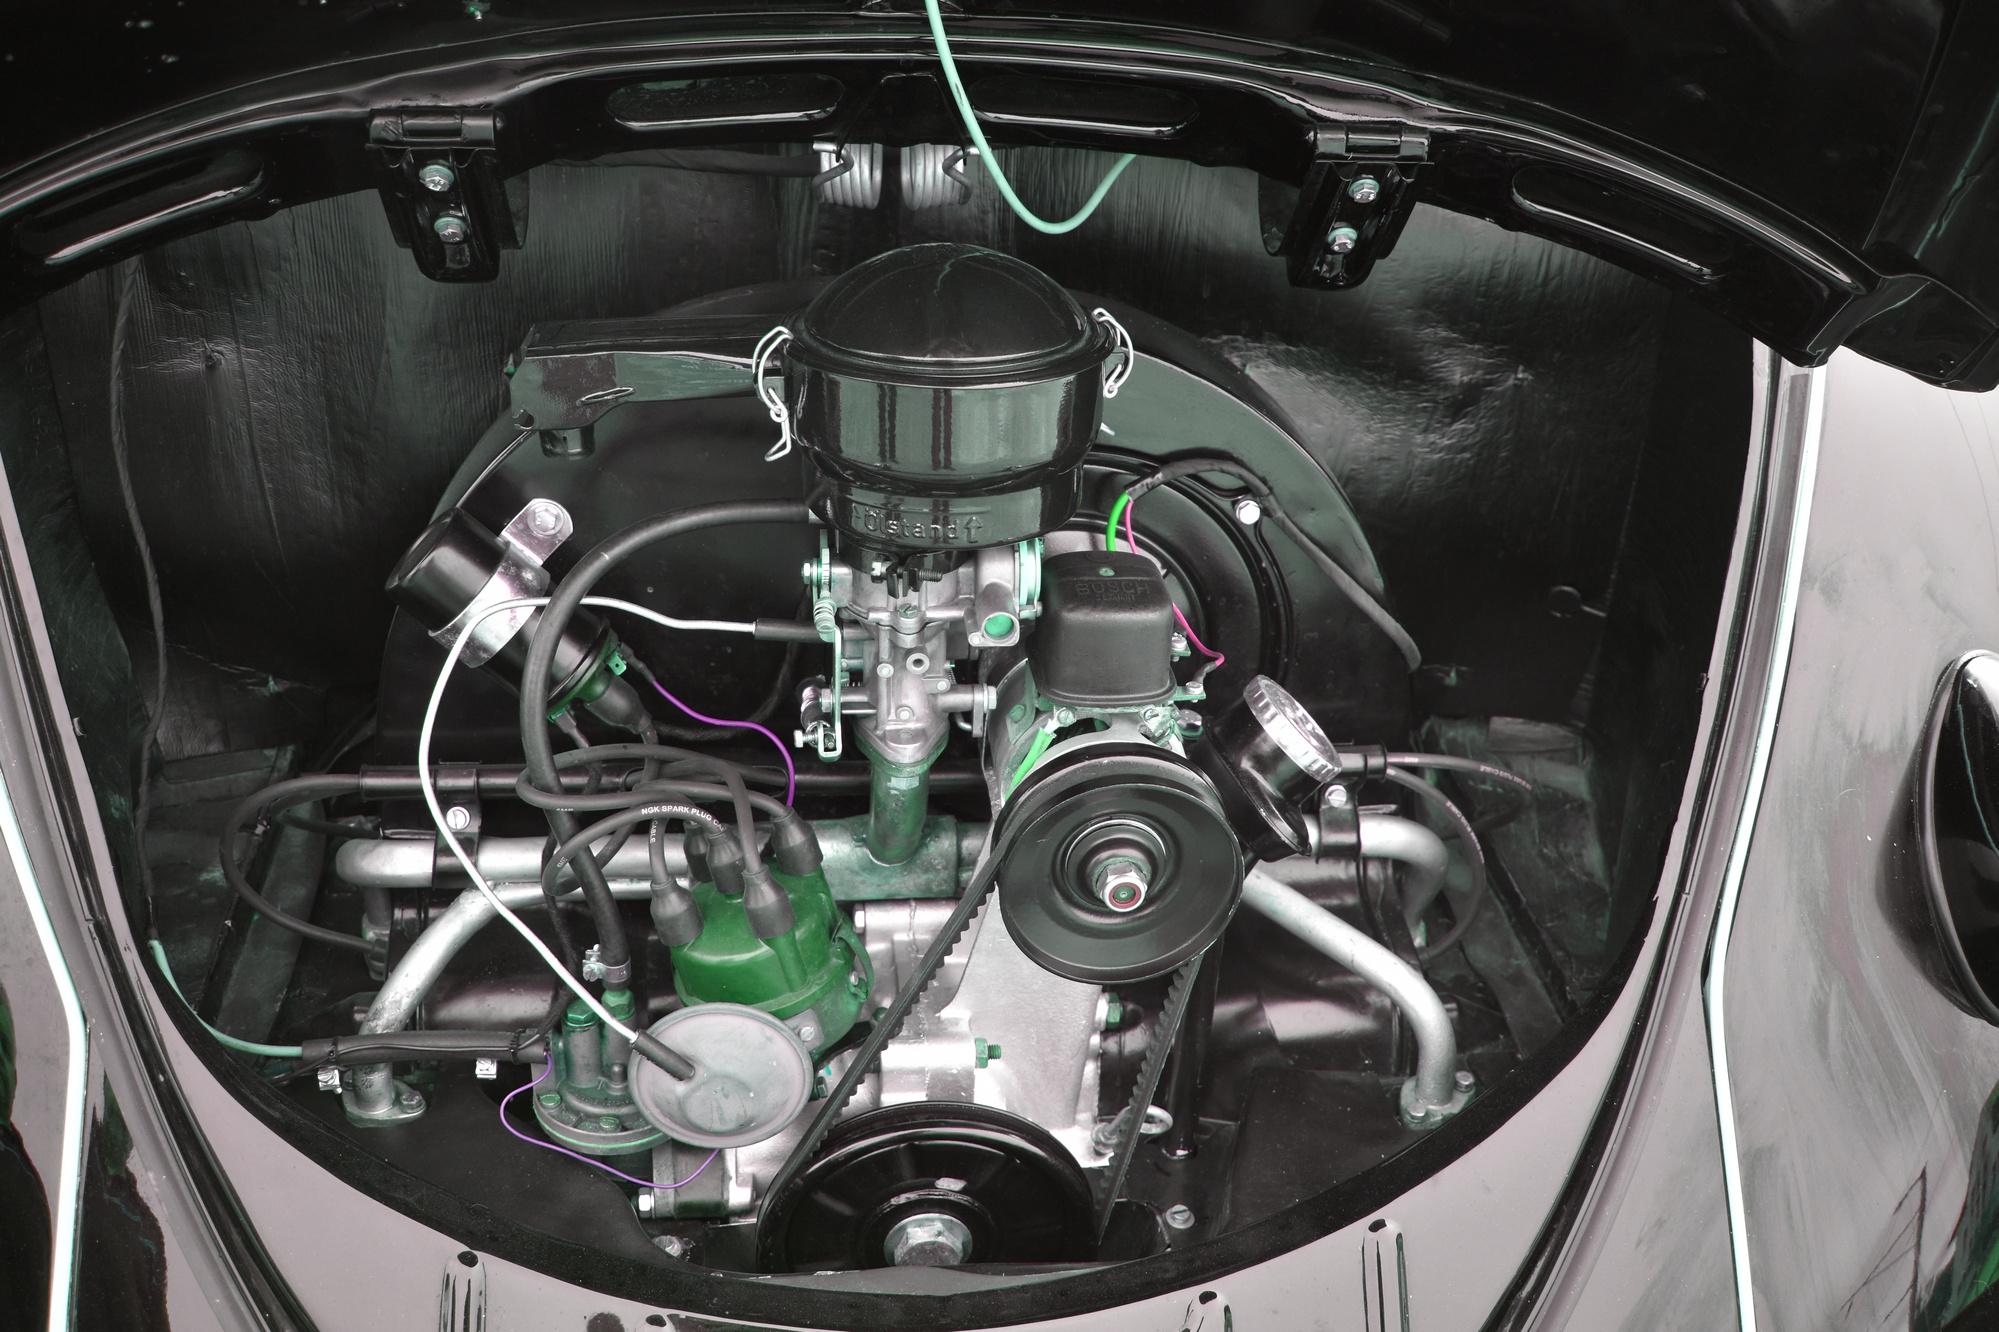 Luftgekühlter Boxermotor im Heck eines schwarz-rot lackierten VW Käfer Ovali Beetle Bug Typ 1 aus dem Jahre 1953